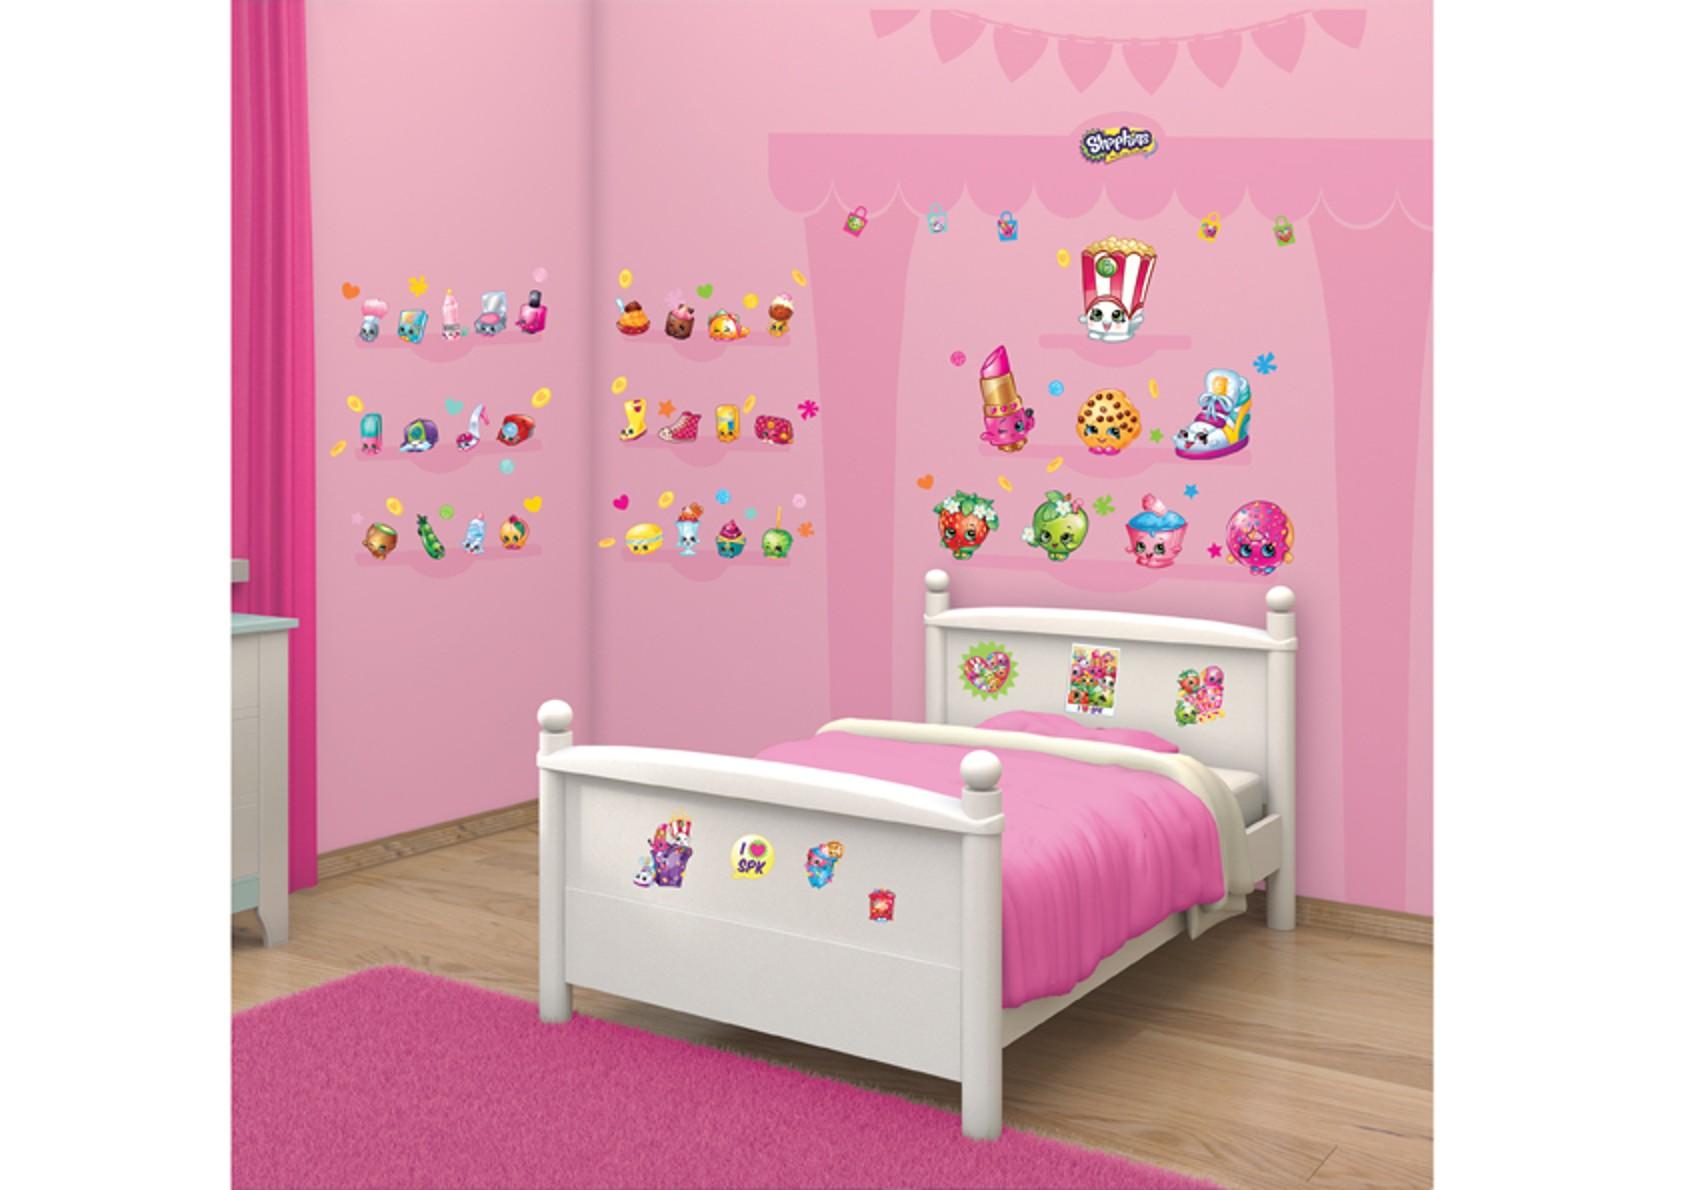 Samolepicí dekorace Walltastic Shopkins 34 x 46 cm (Dětské samolepicí dekorace)